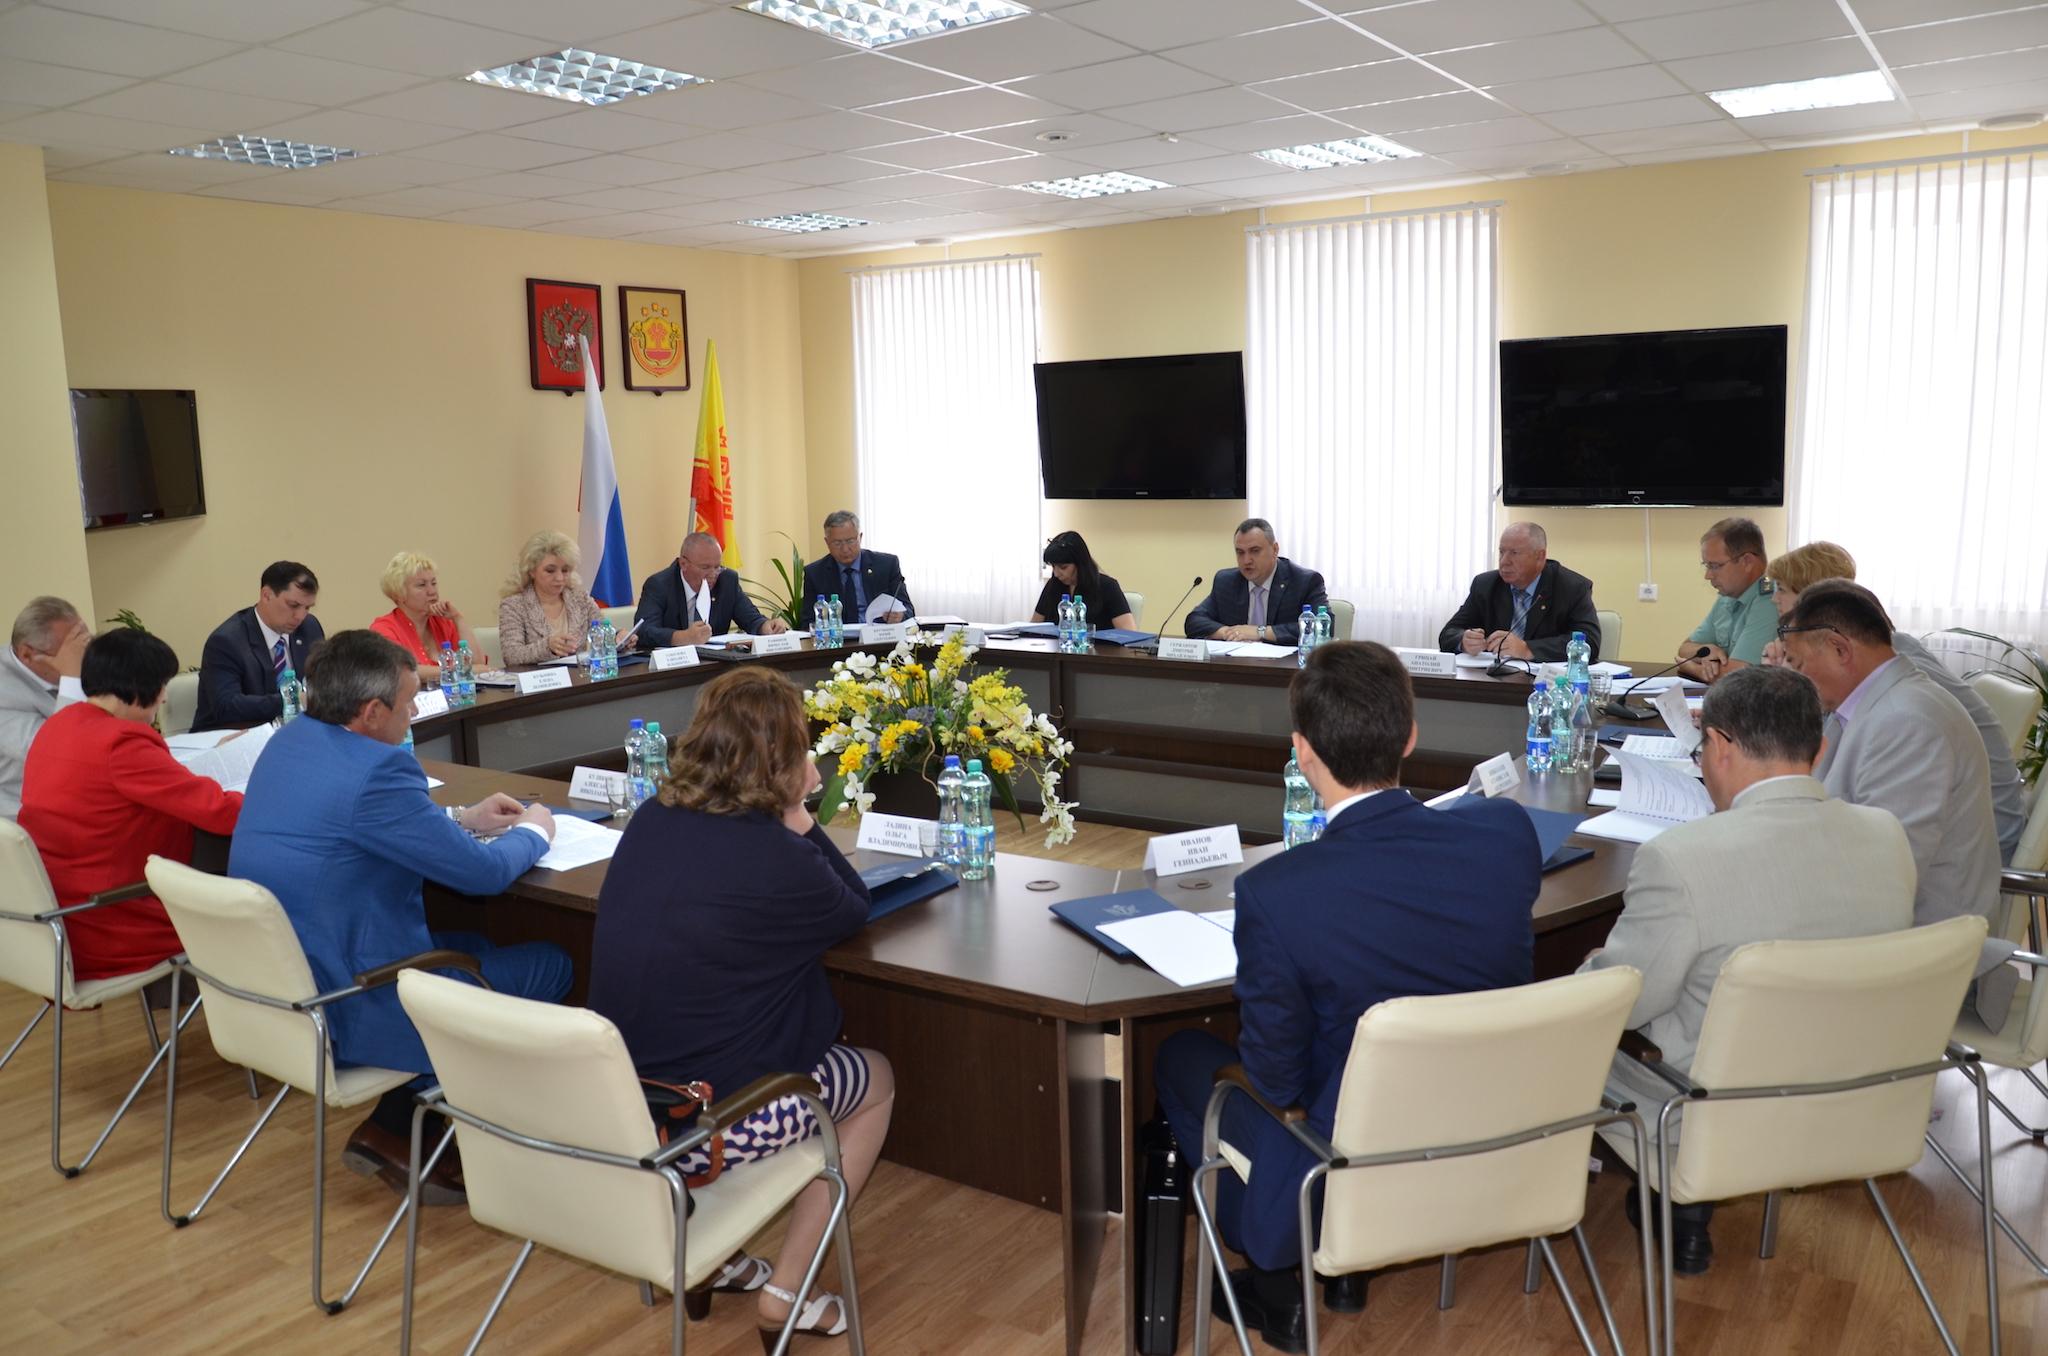 Координационный совет Управление минюста России по Чувашской Республике